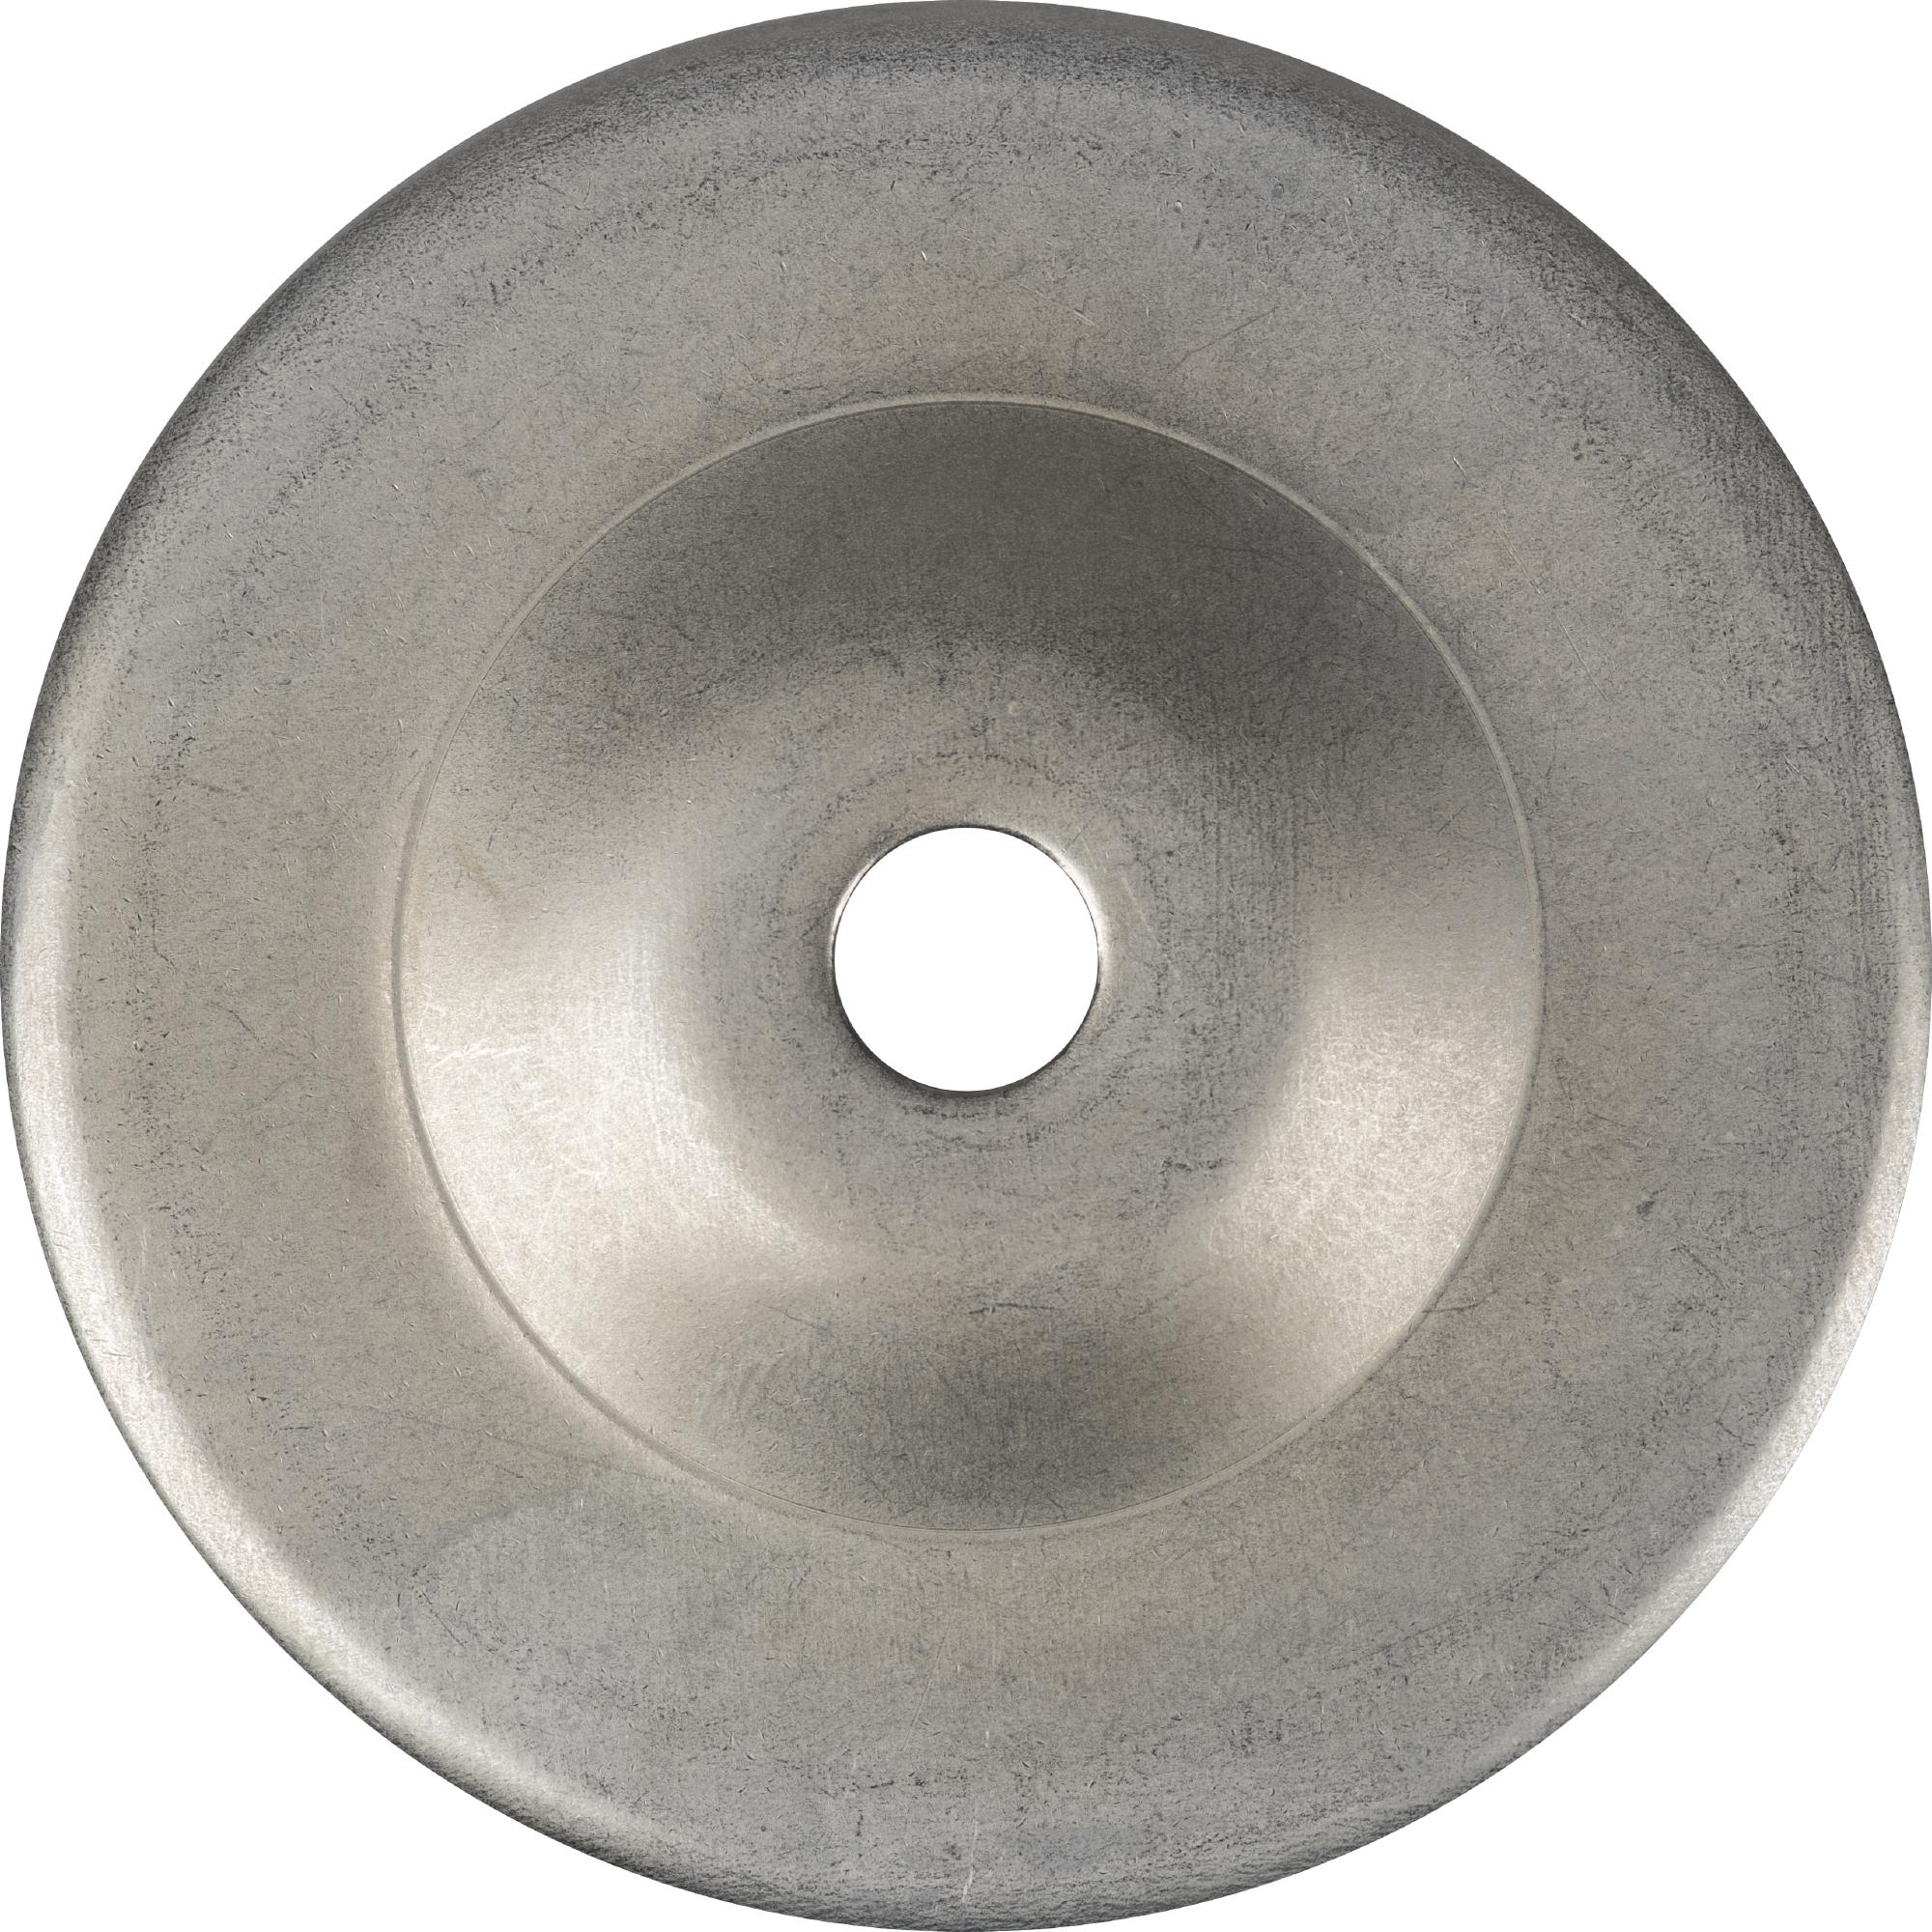 2 x Klingspor SMD 612 Spanndeckel, 121 x 14 mm | 14824